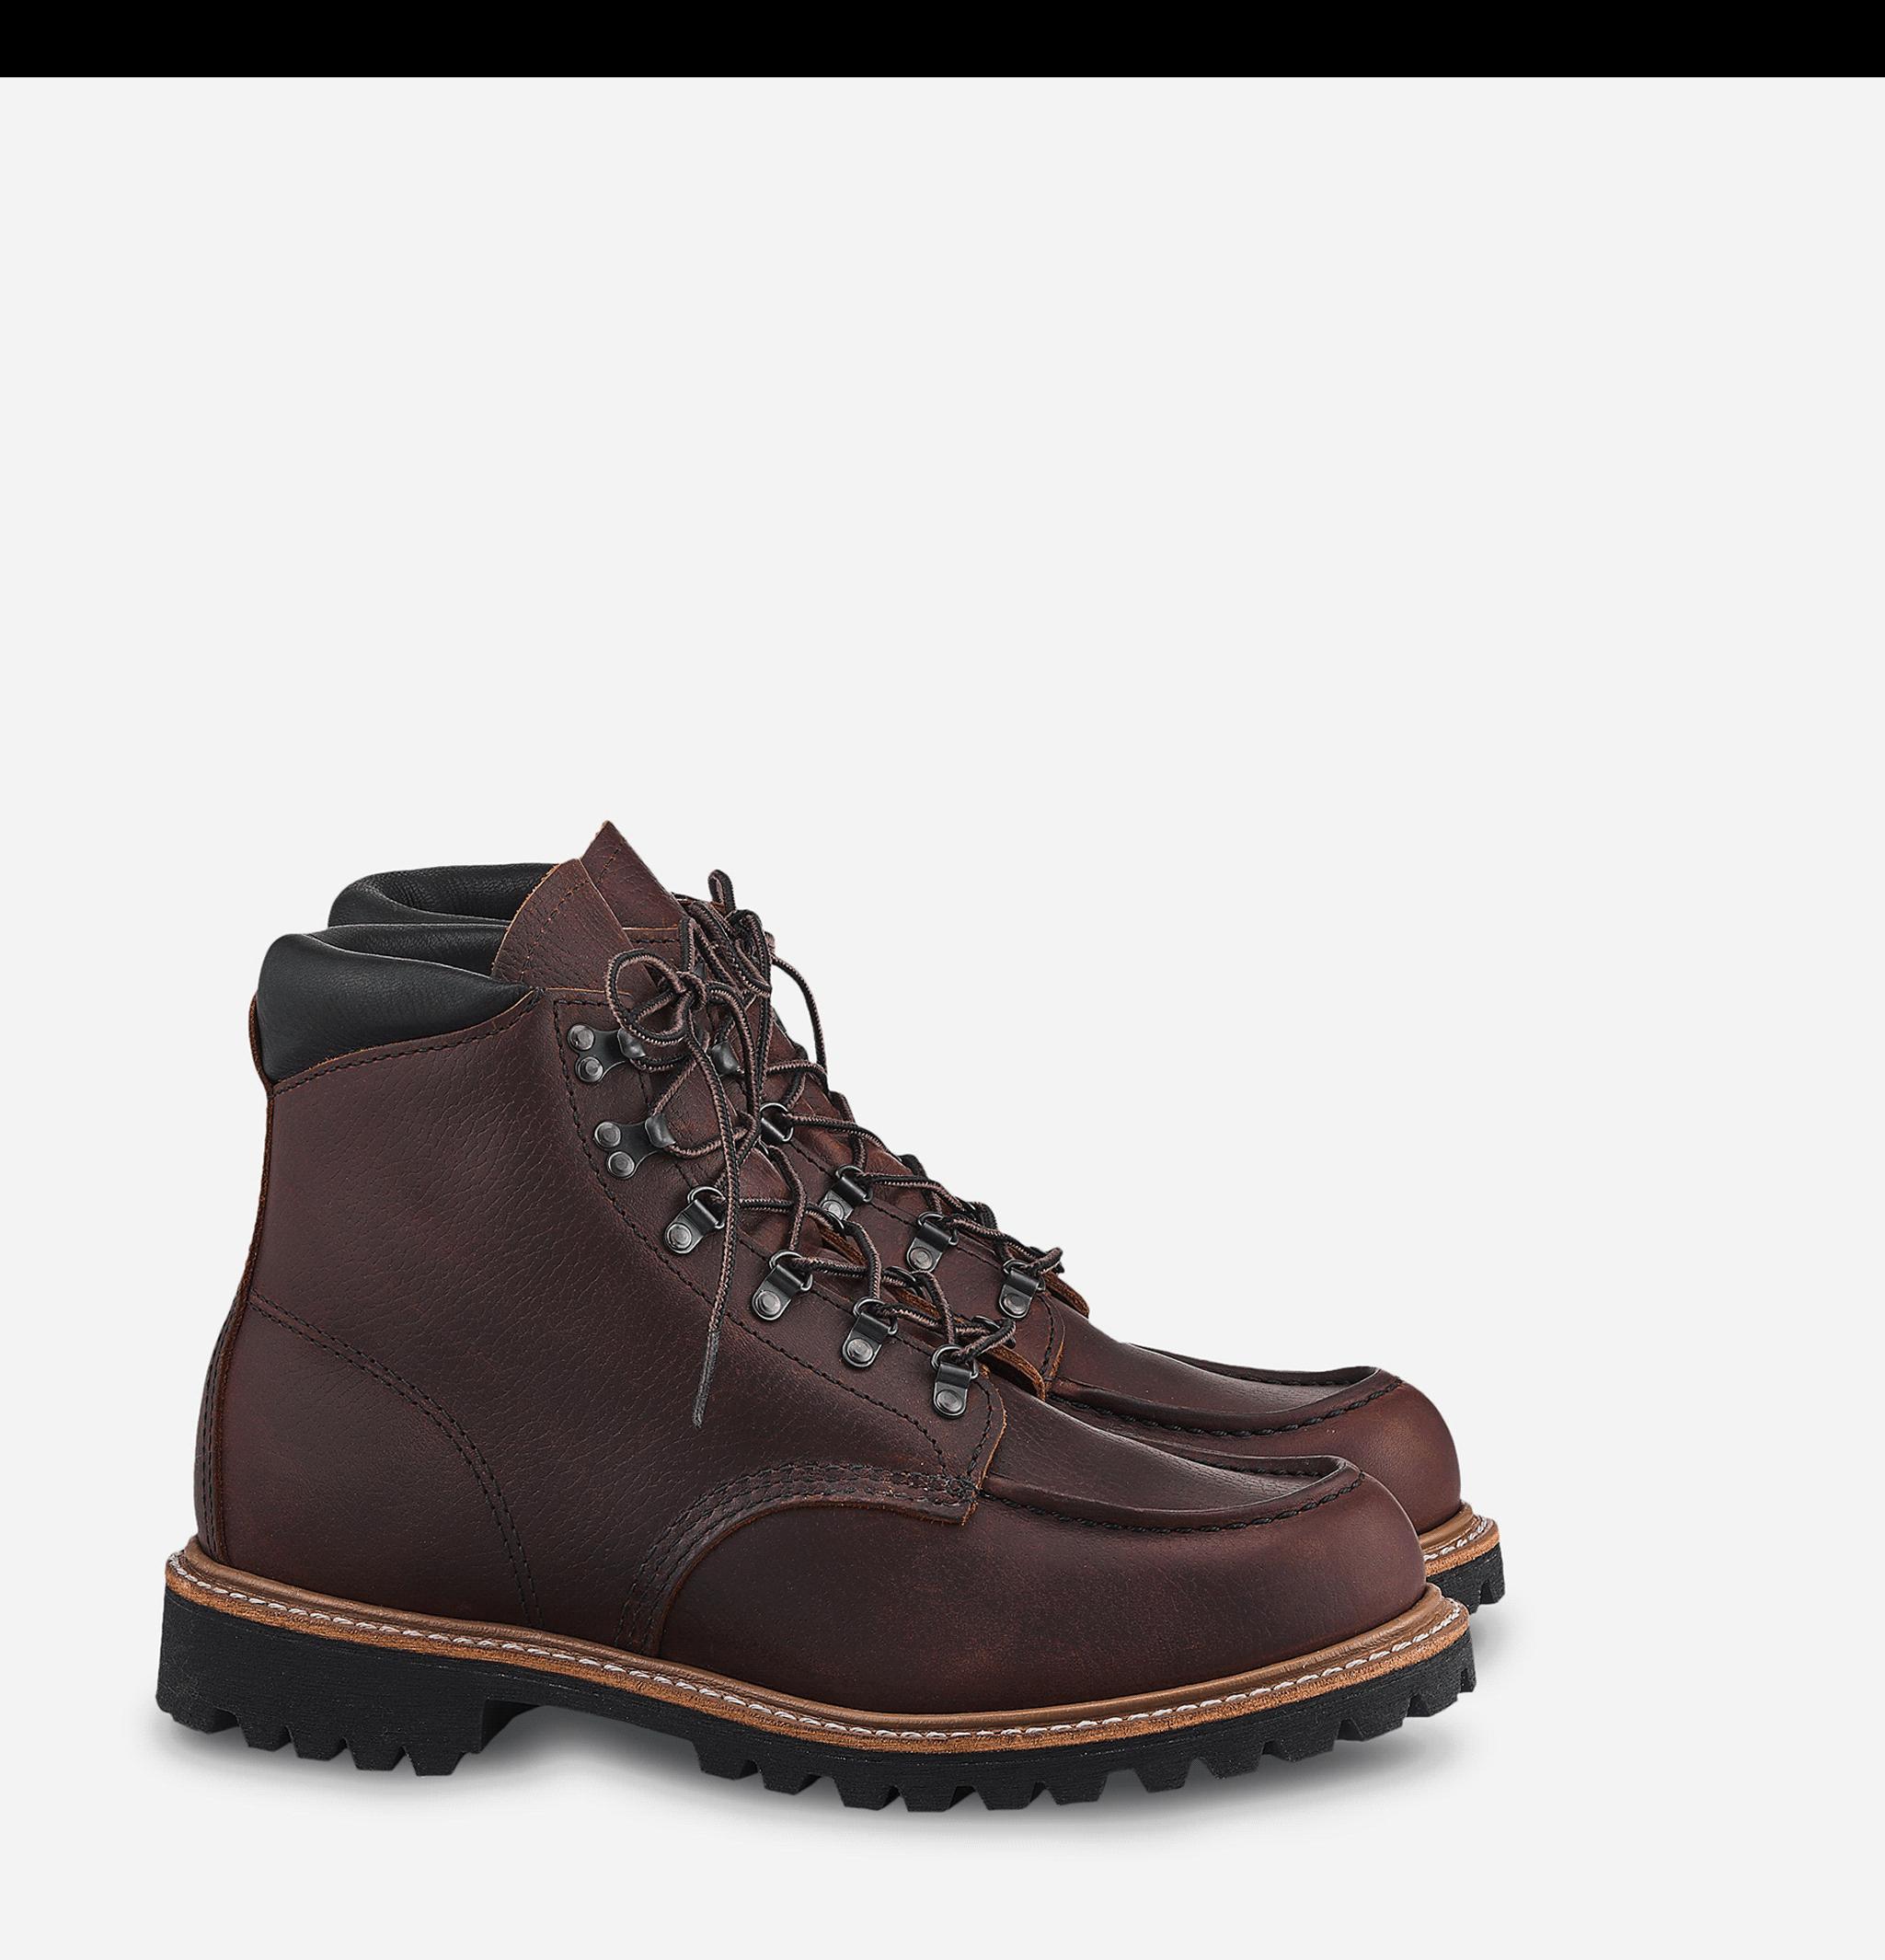 2927 - Sawhill Boot Briar Oil